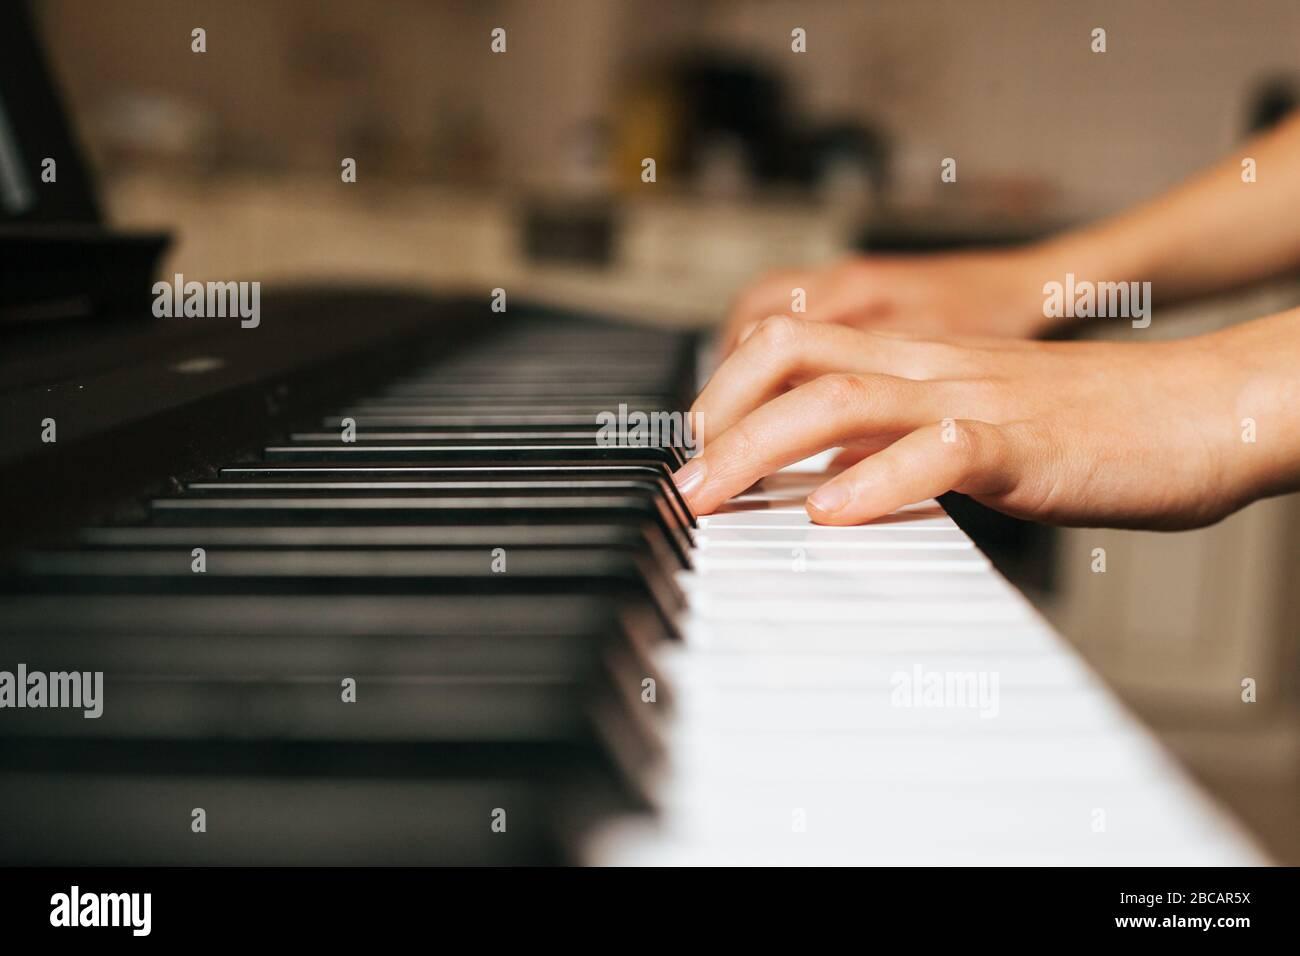 Enfants mains jouant piano.Cllase-up piano, clavier blanc et noir Banque D'Images